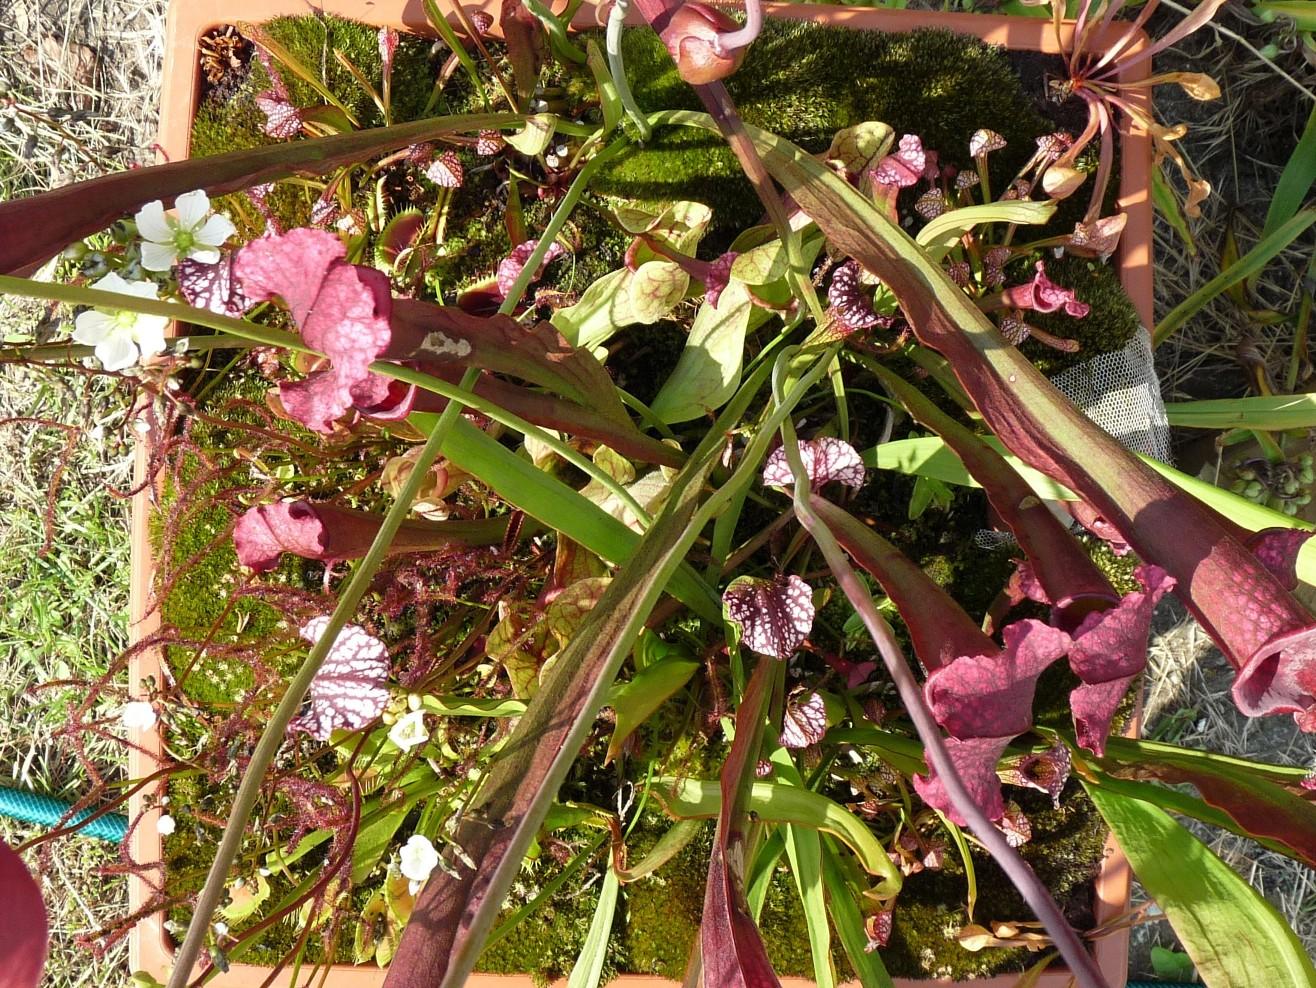 Donica z roślinami owadożernymi na działce lato 2017 widok od góry2